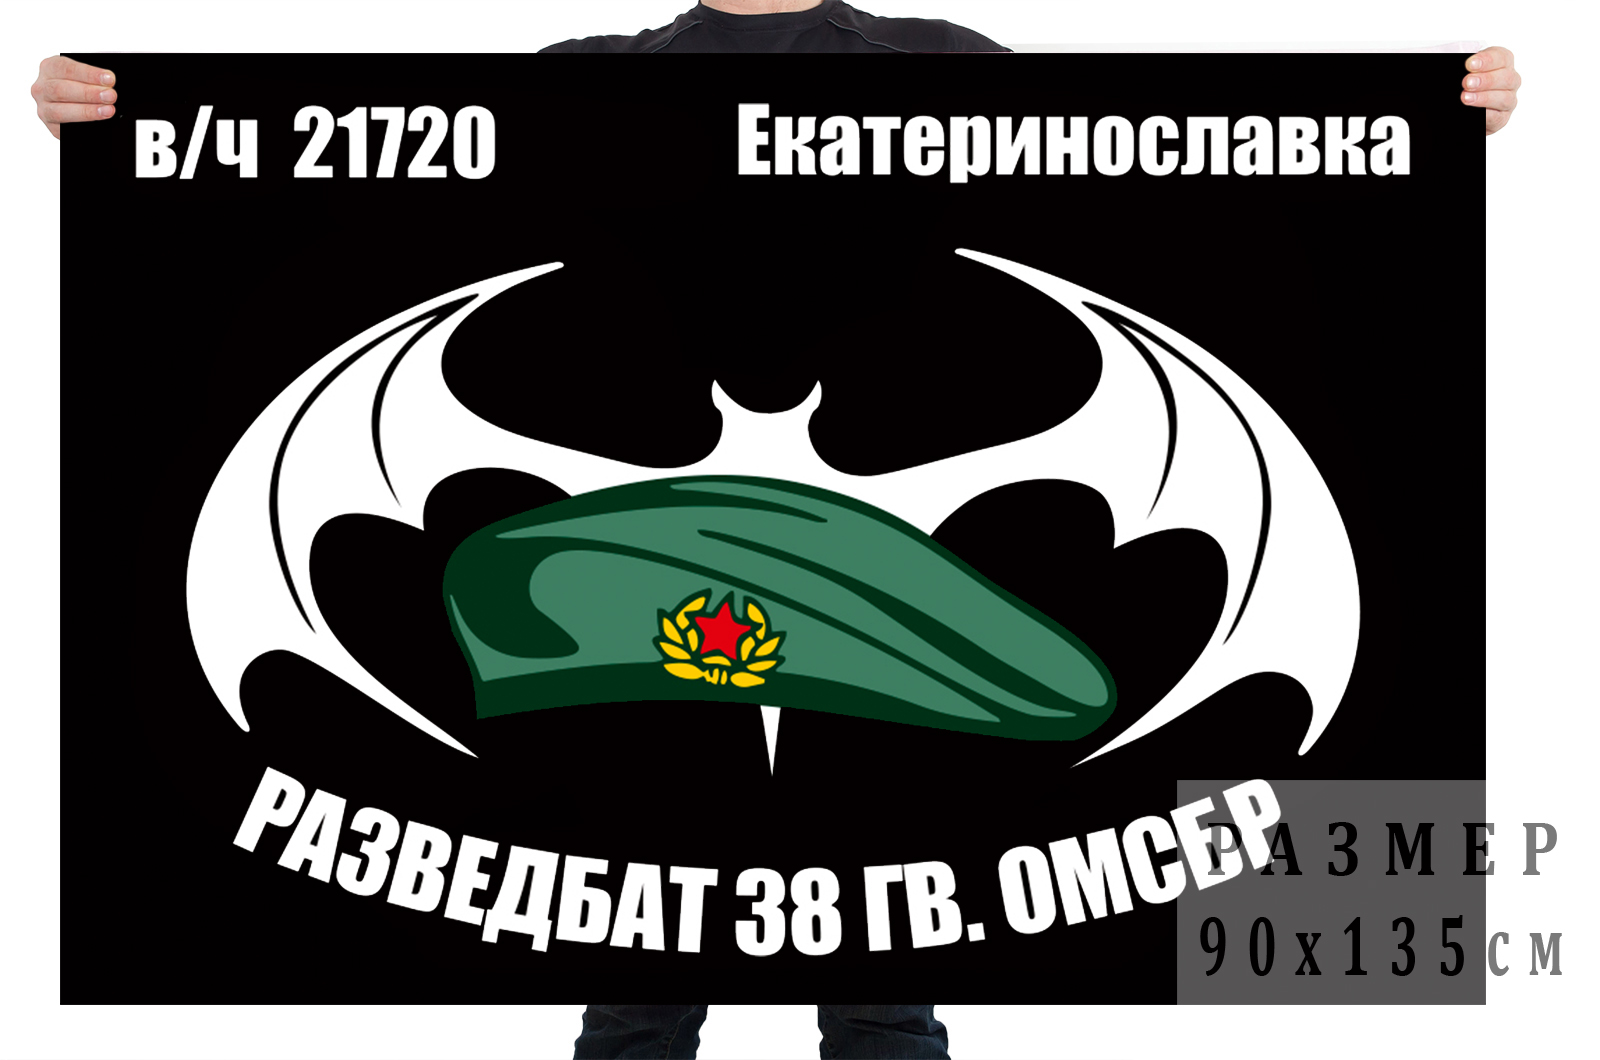 Флаг Разведбата 38 Гв. ОМСБр